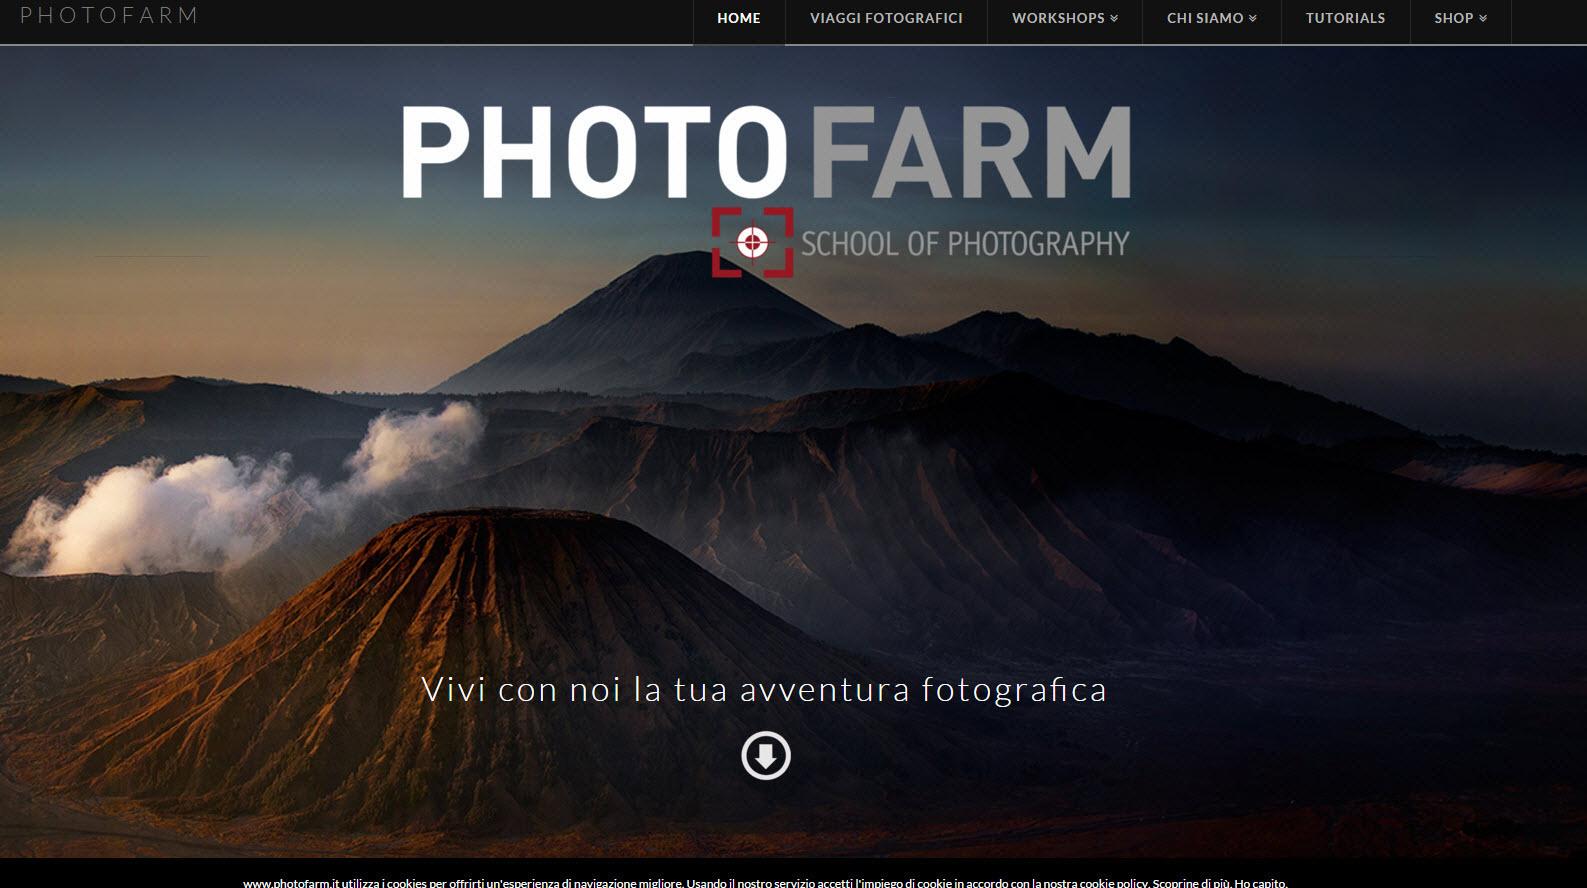 photofarm